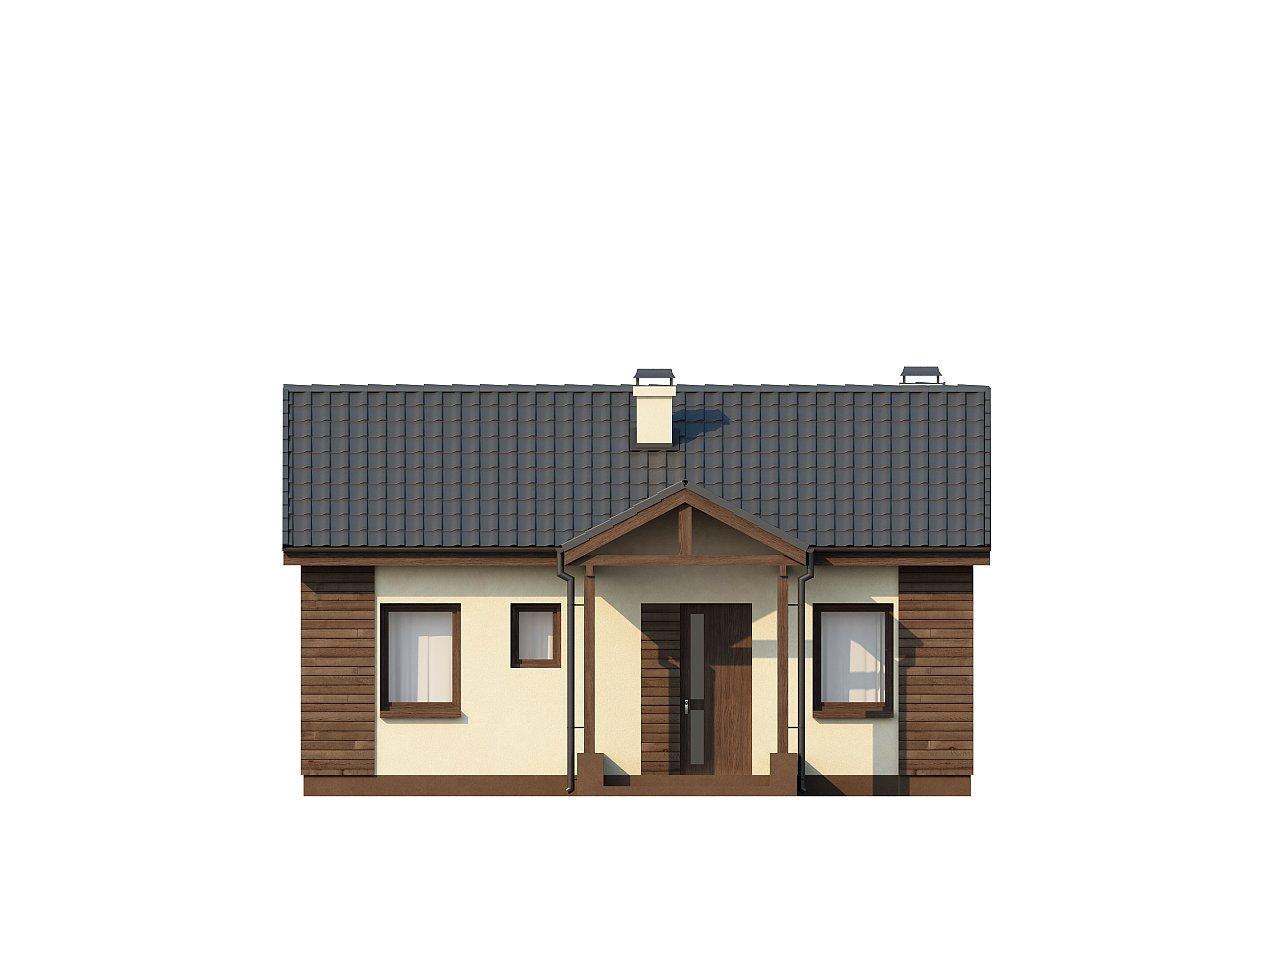 Маленький одноэтажный дом с двускатной кровлей, недорогой в строительстве и эксплуатации. - фото 14